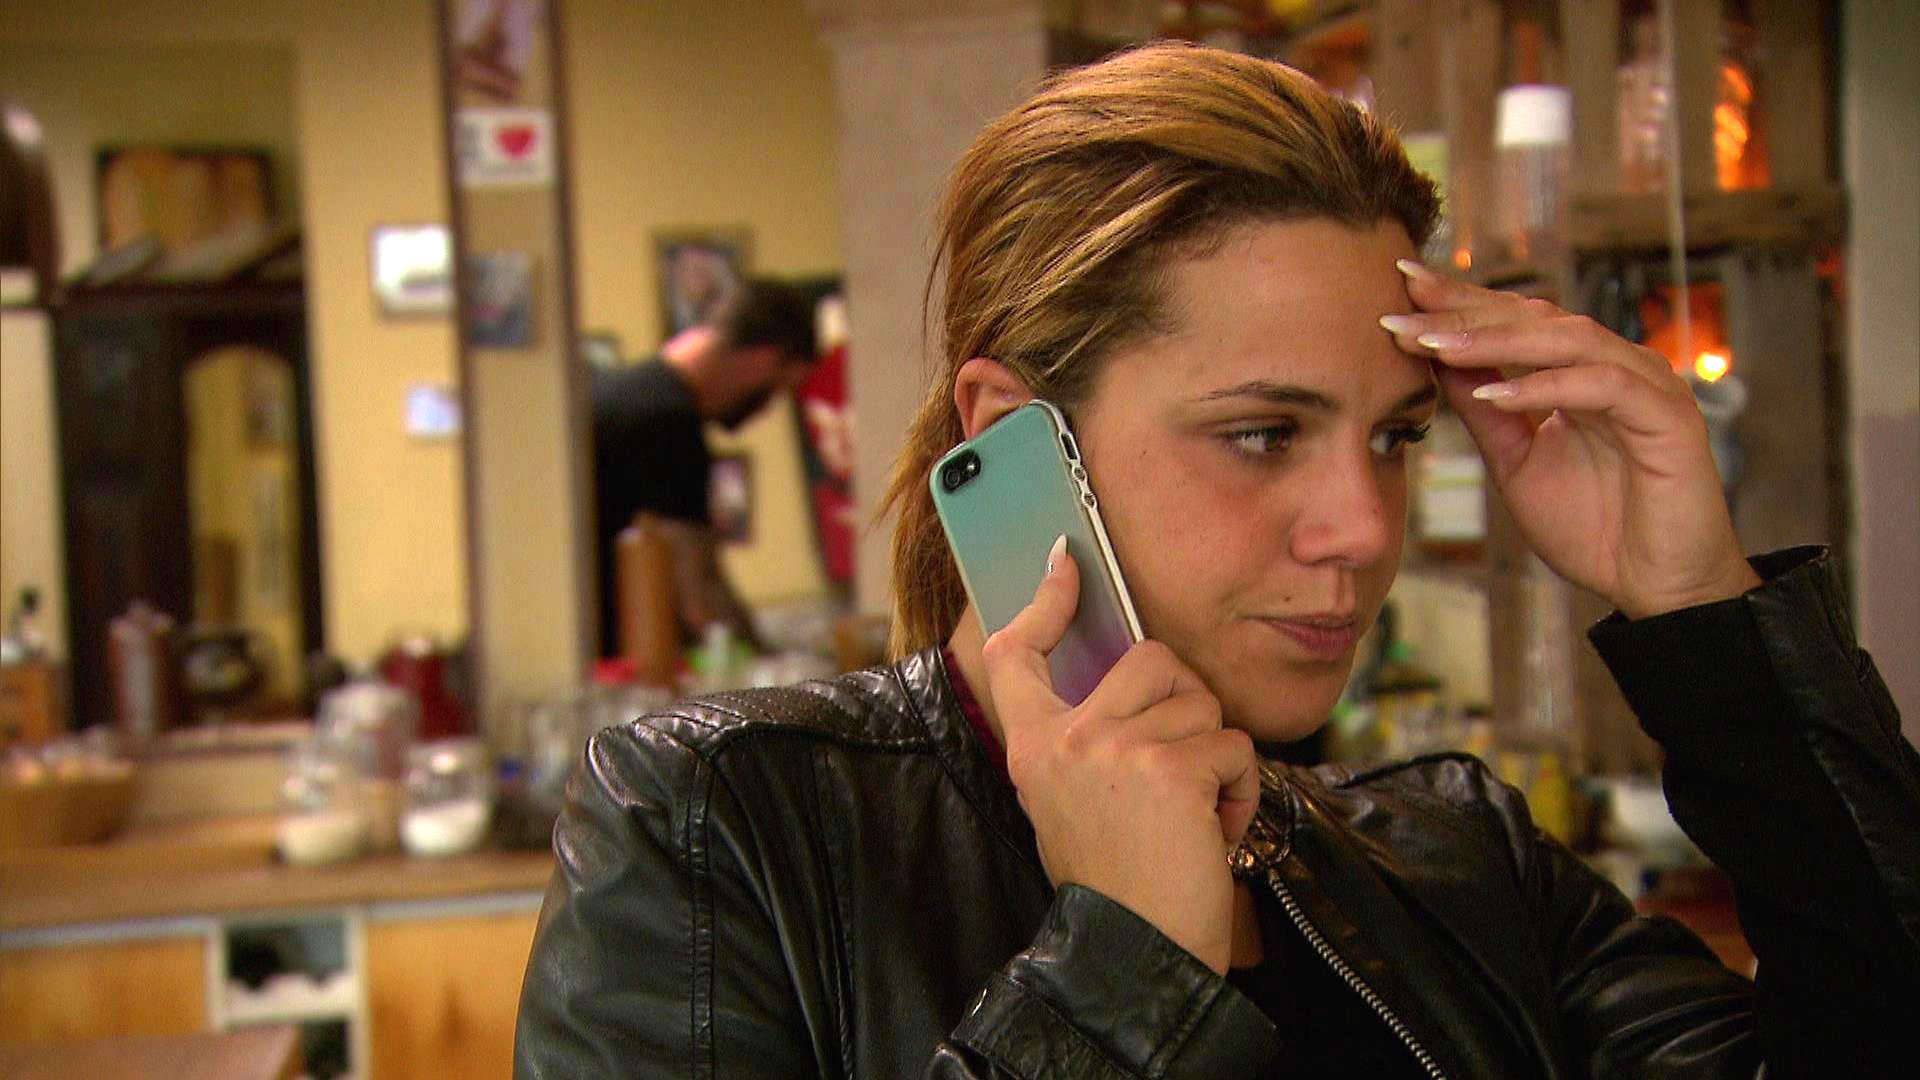 Sophia erfährt, dass die Versicherung den Schaden im Restaurant nicht übernehmen wird. (Quelle: RTL 2)